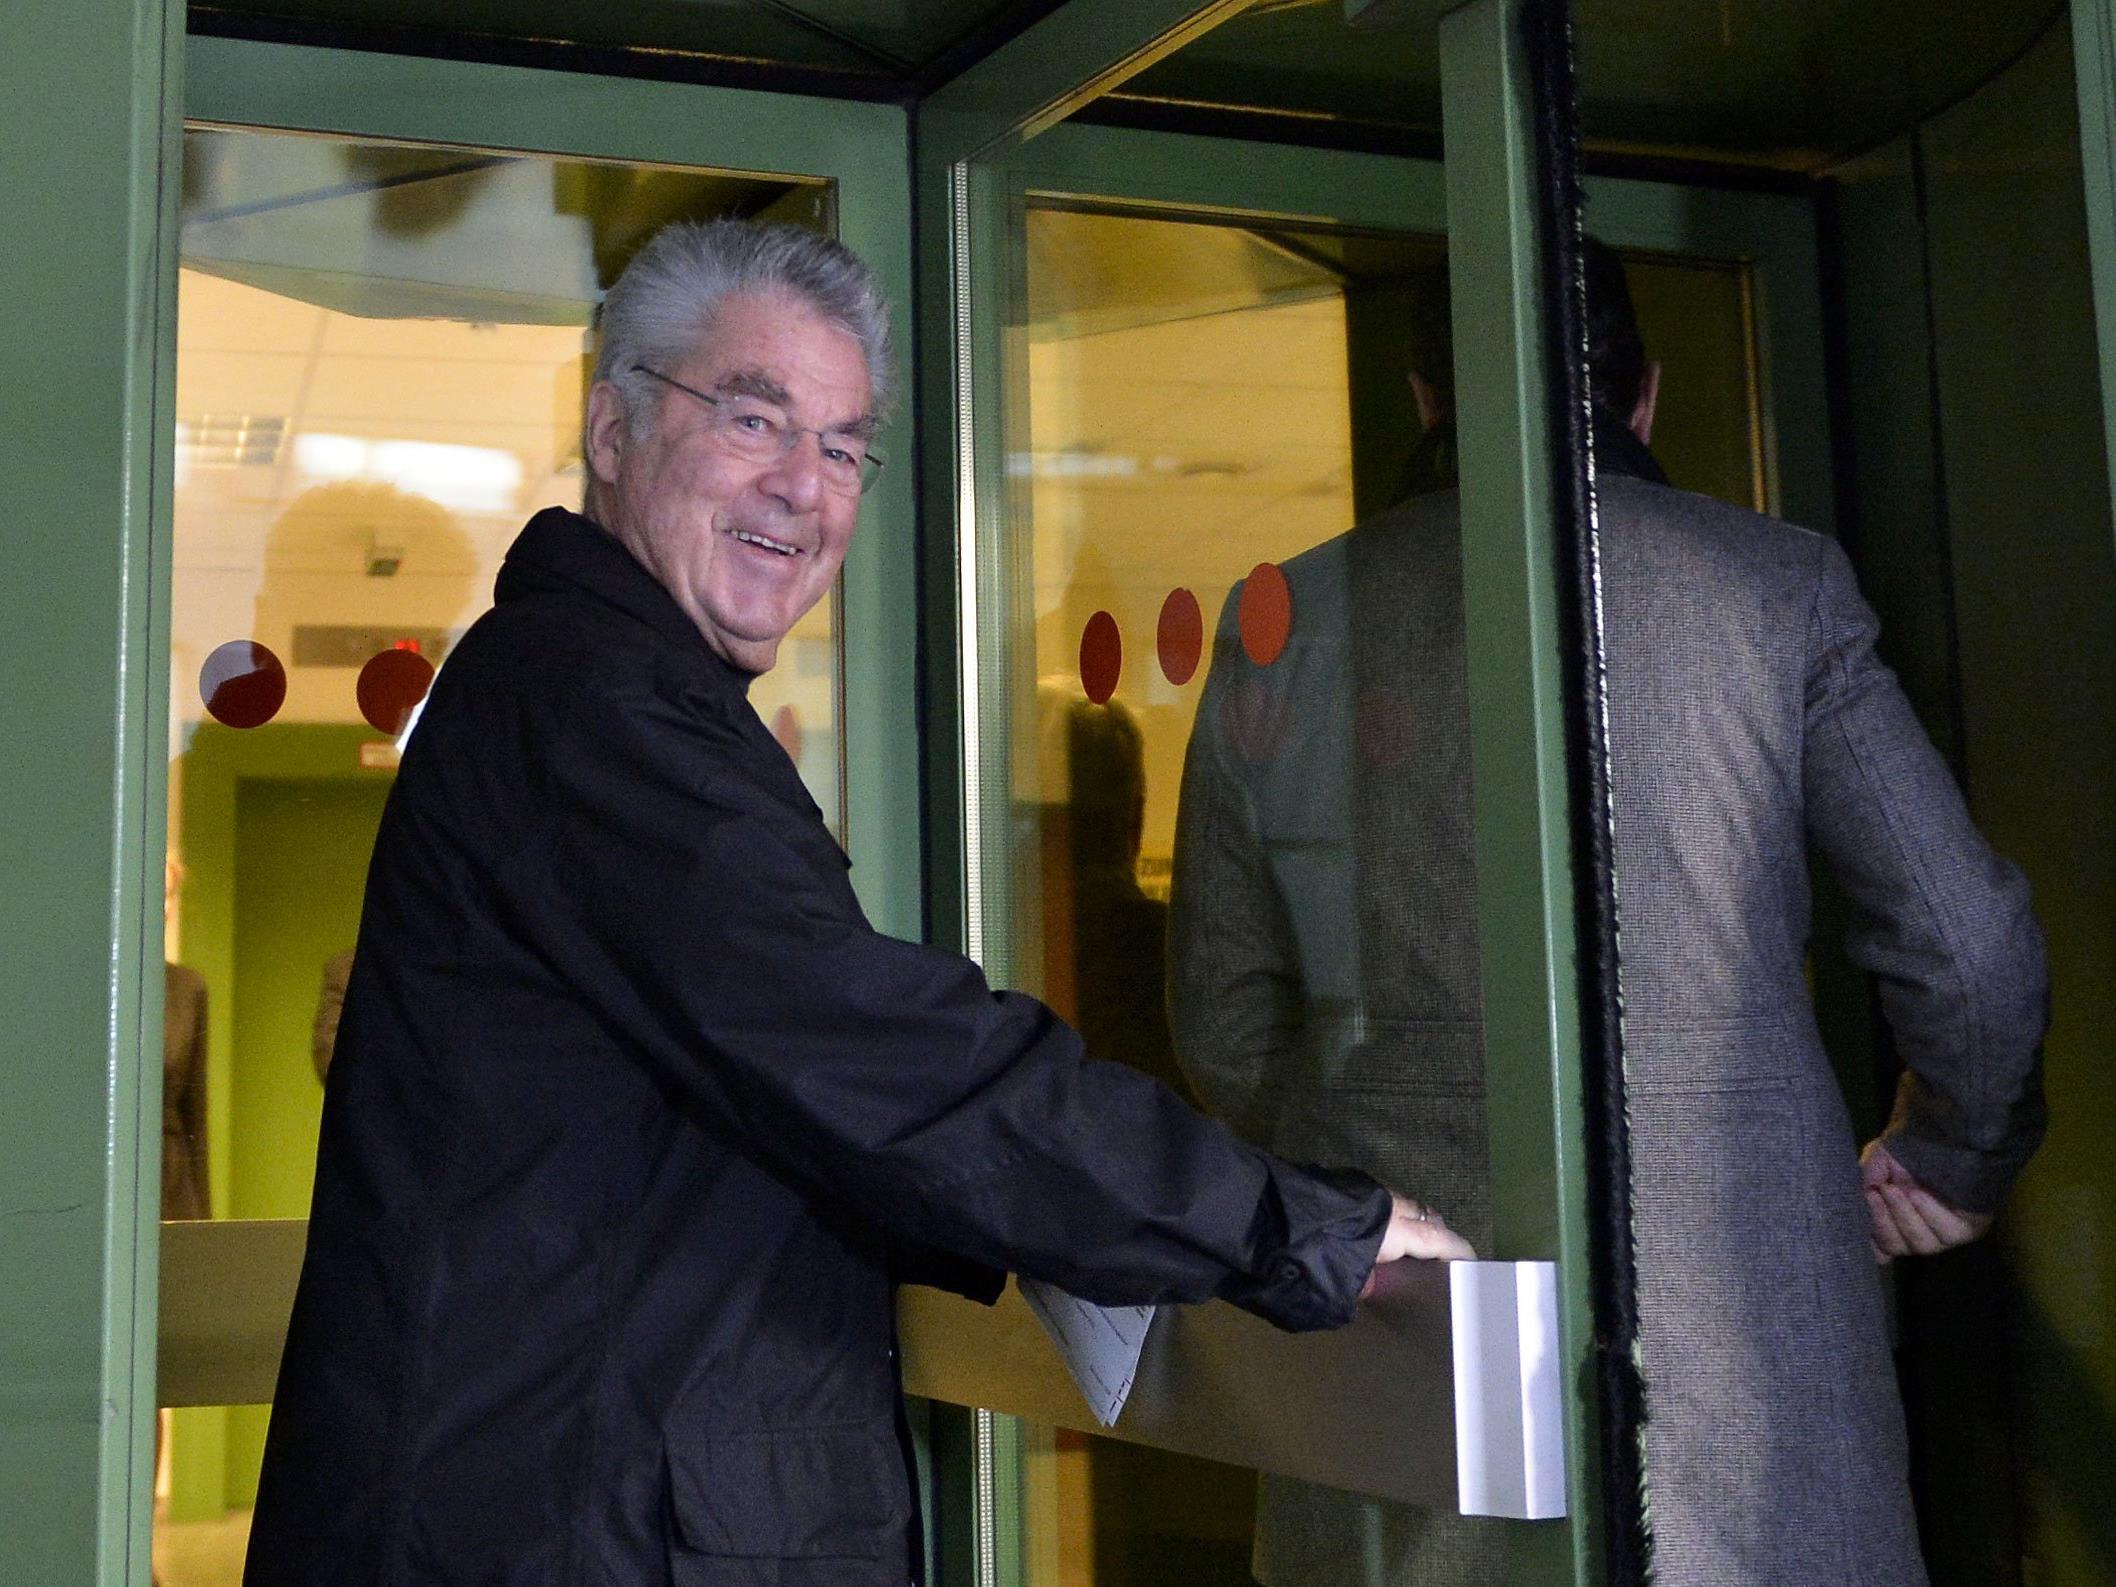 Altbundespräsident Heinz Fischer am Sonntag vor einem Wahllokal in Wien